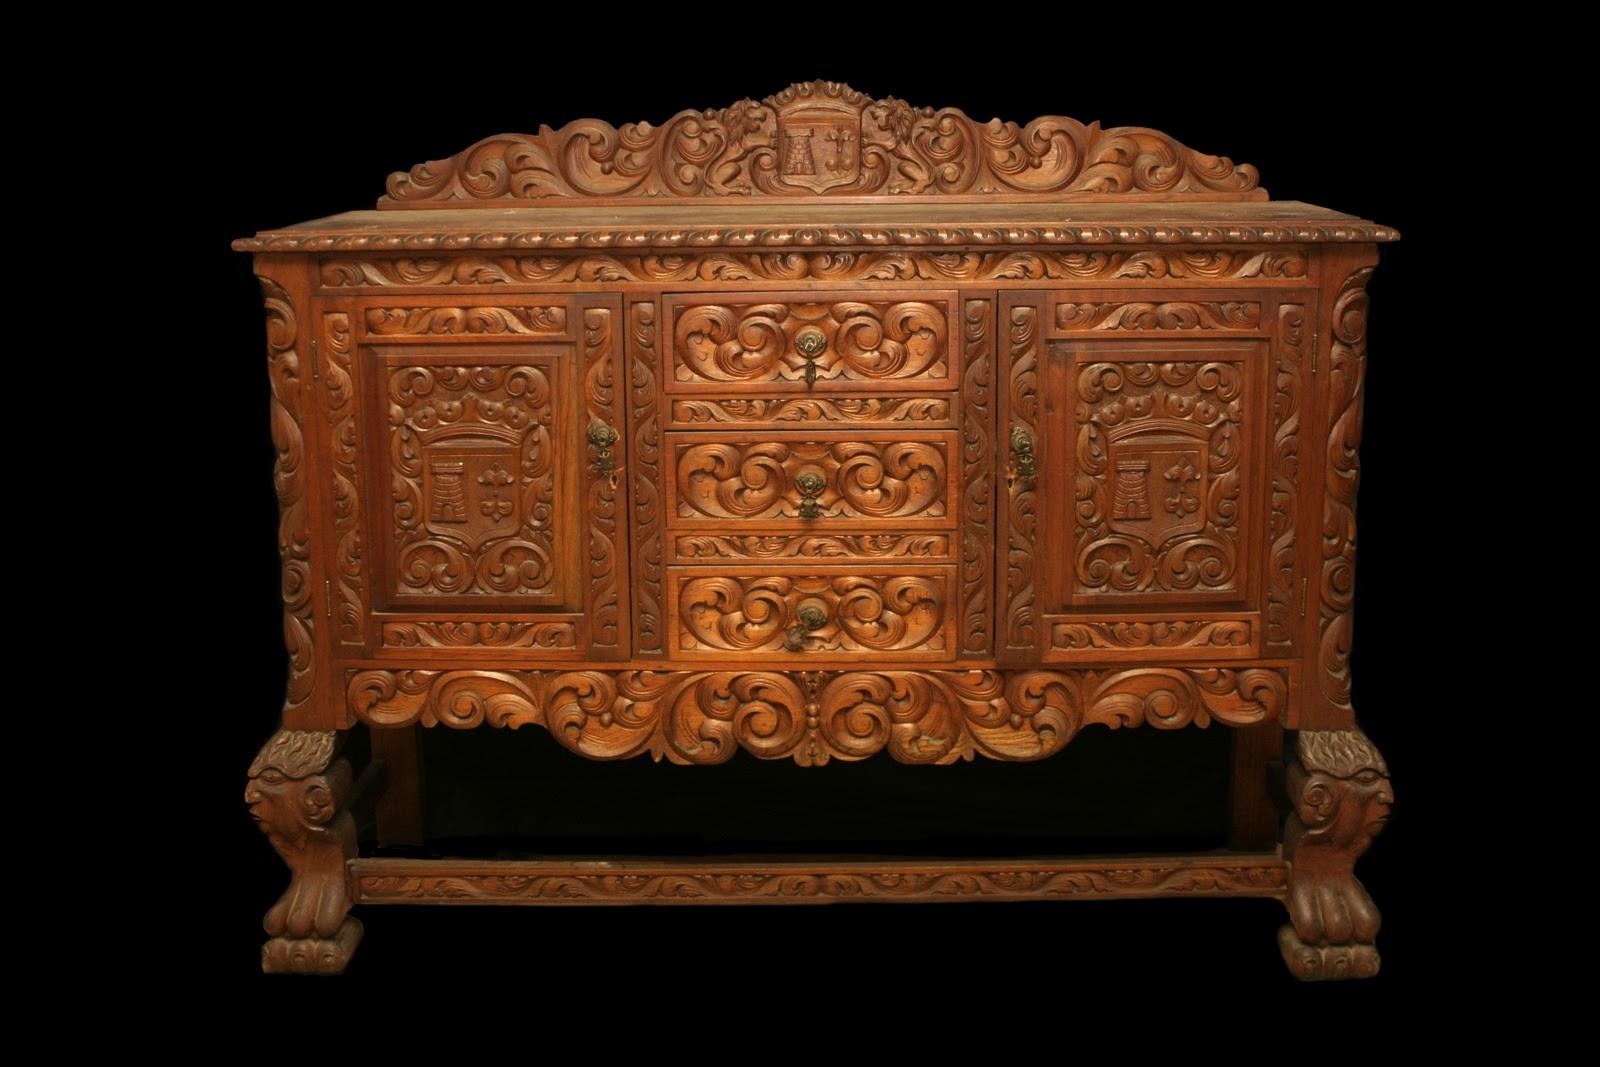 Arte y antiguedades bl muebles dakota - Muebles la colonial ...